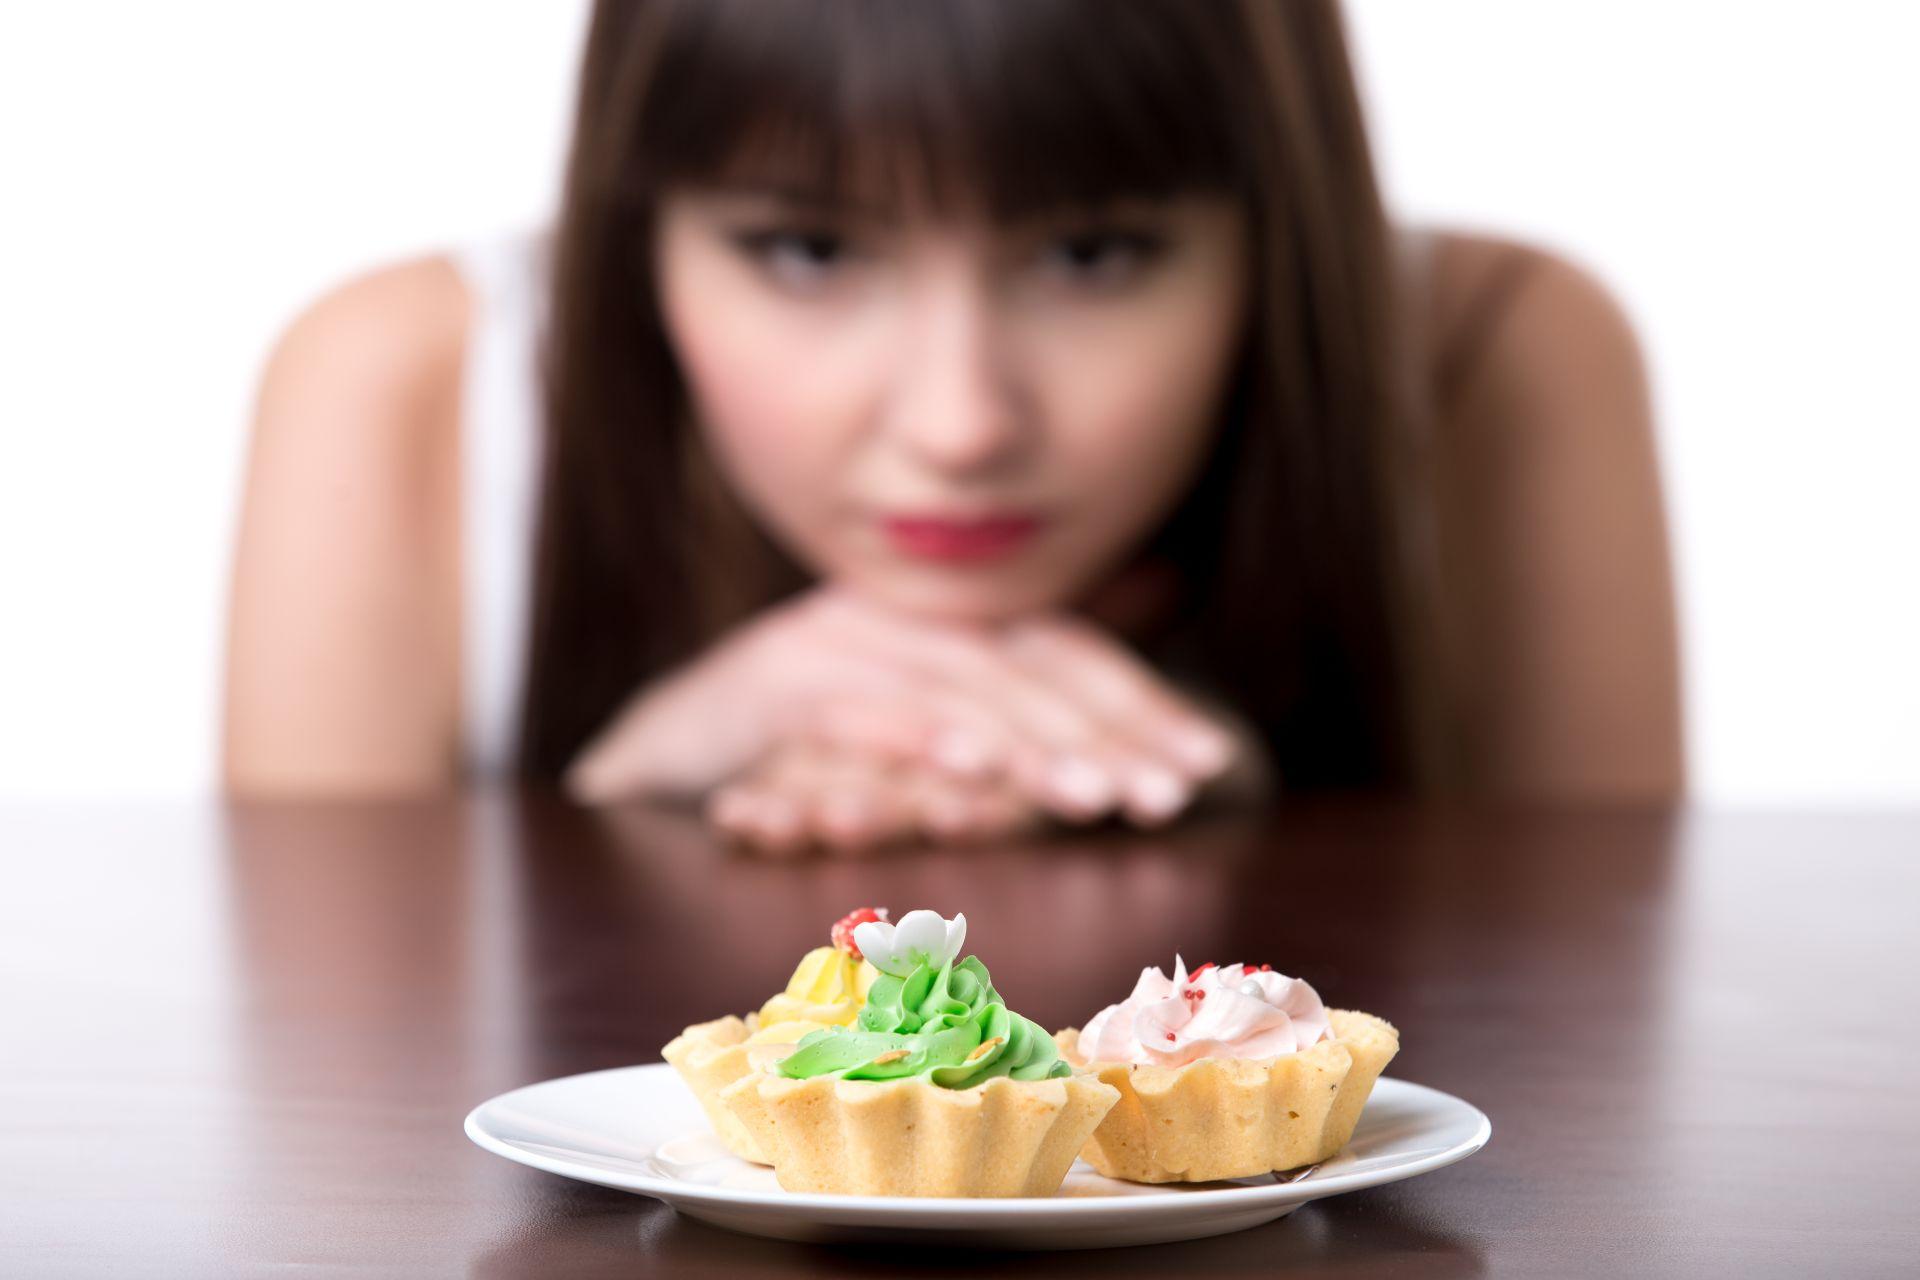 Estudo comprova que a obesidade faz reduzir a sensibilidade para o sabor da comida. Foto: Bigstock